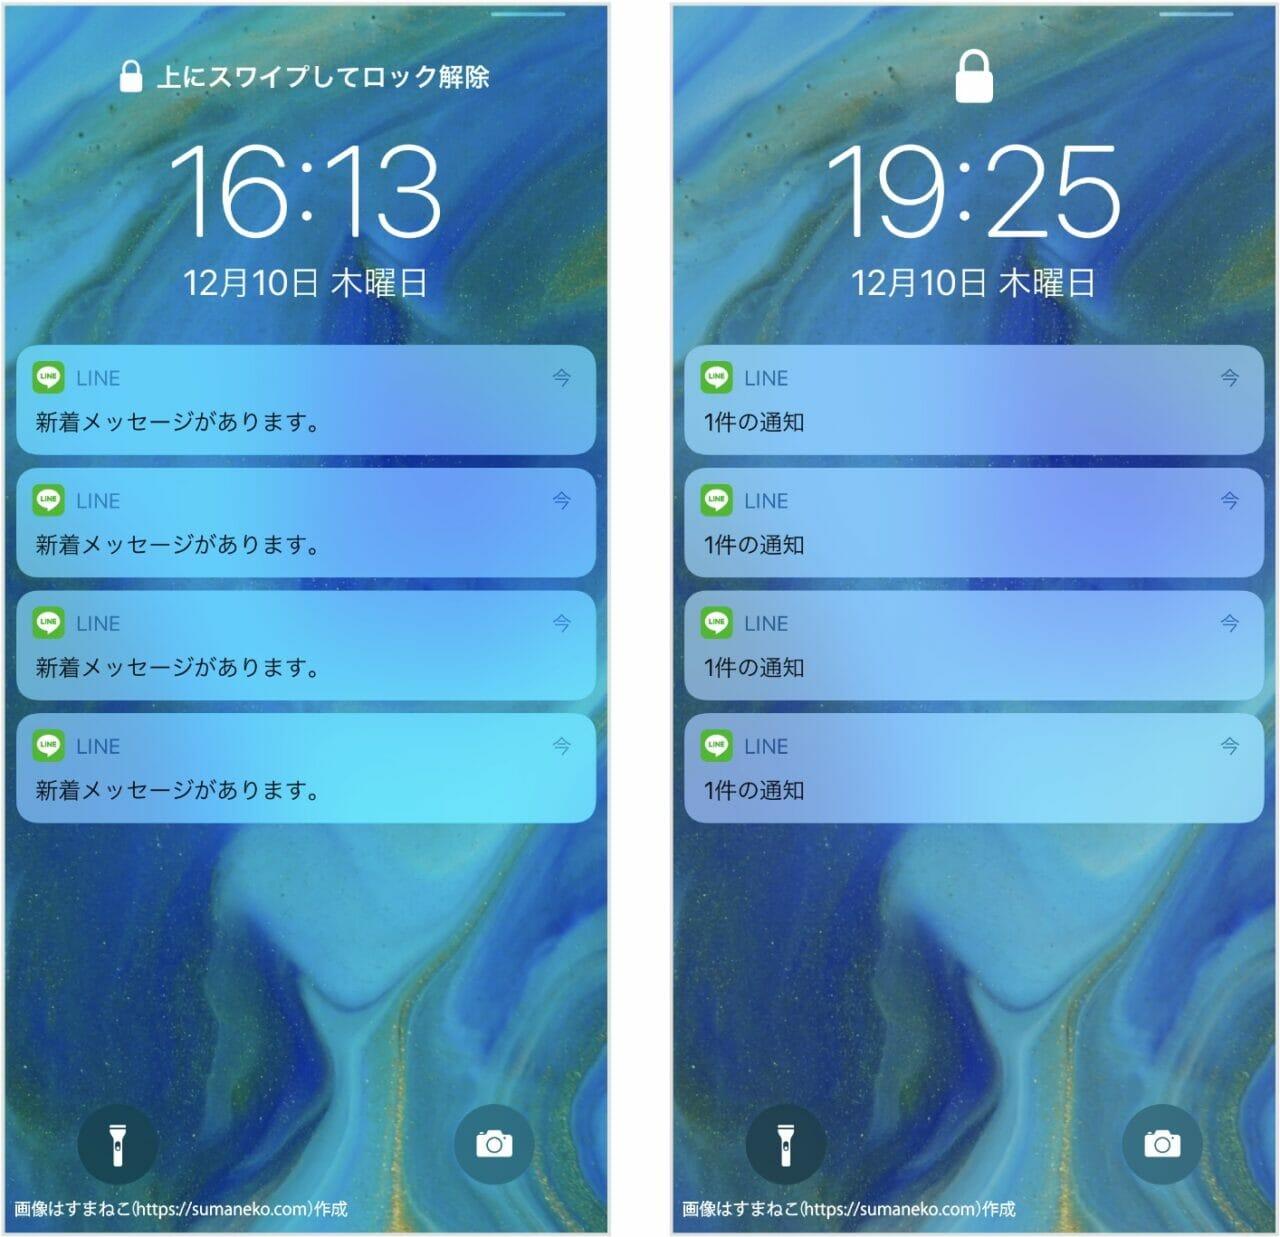 iPhoneの「プレビューを表示」で「常に」を選んだ場合と「しない」を選んだ場合の比較画像